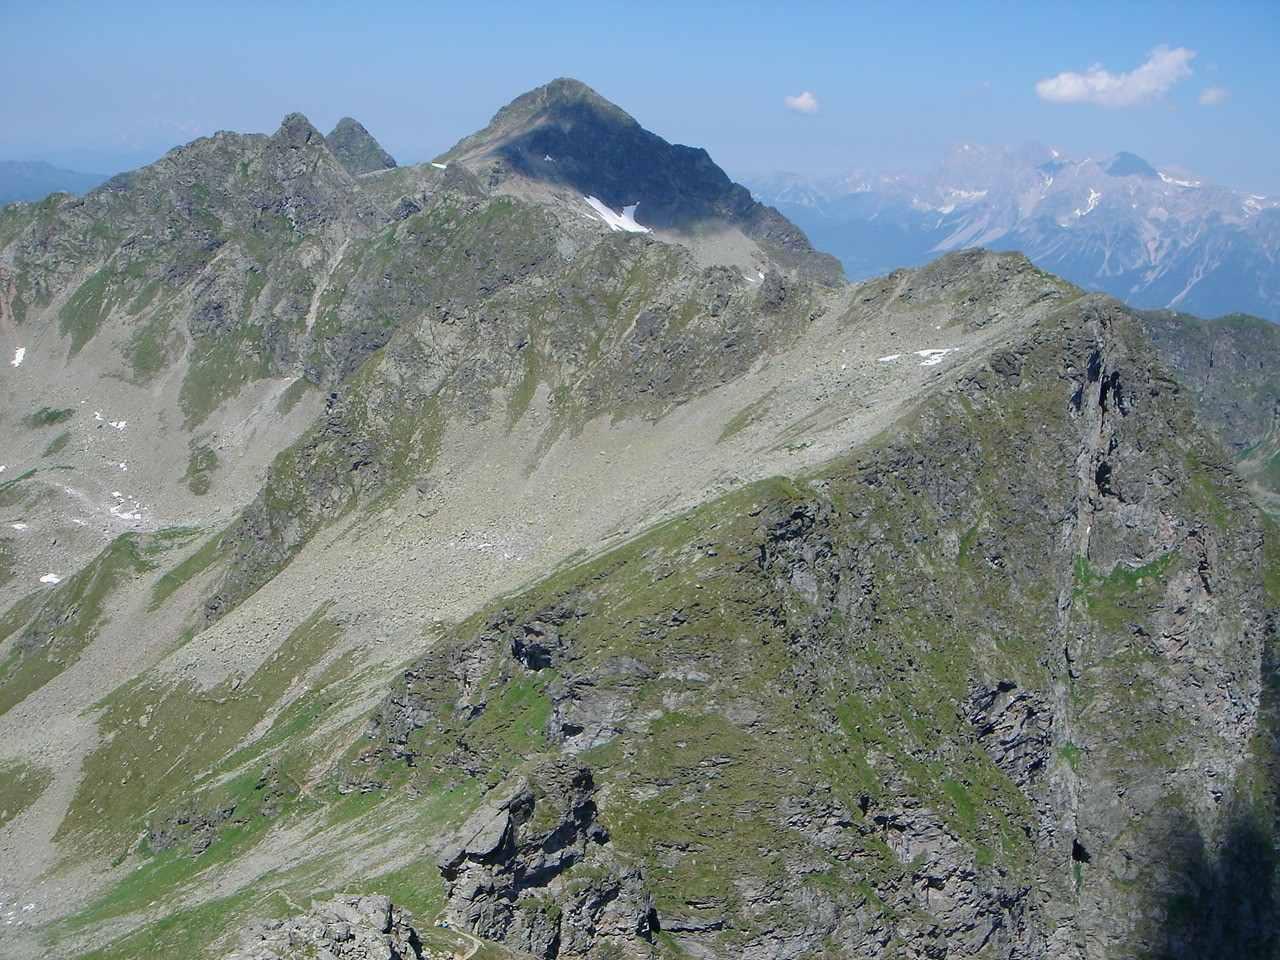 Foto: Manfred Karl / Wander Tour / Hochwildstelle-Überschreitung / Höchstein und Dachsteinmassiv / 15.06.2007 23:08:34